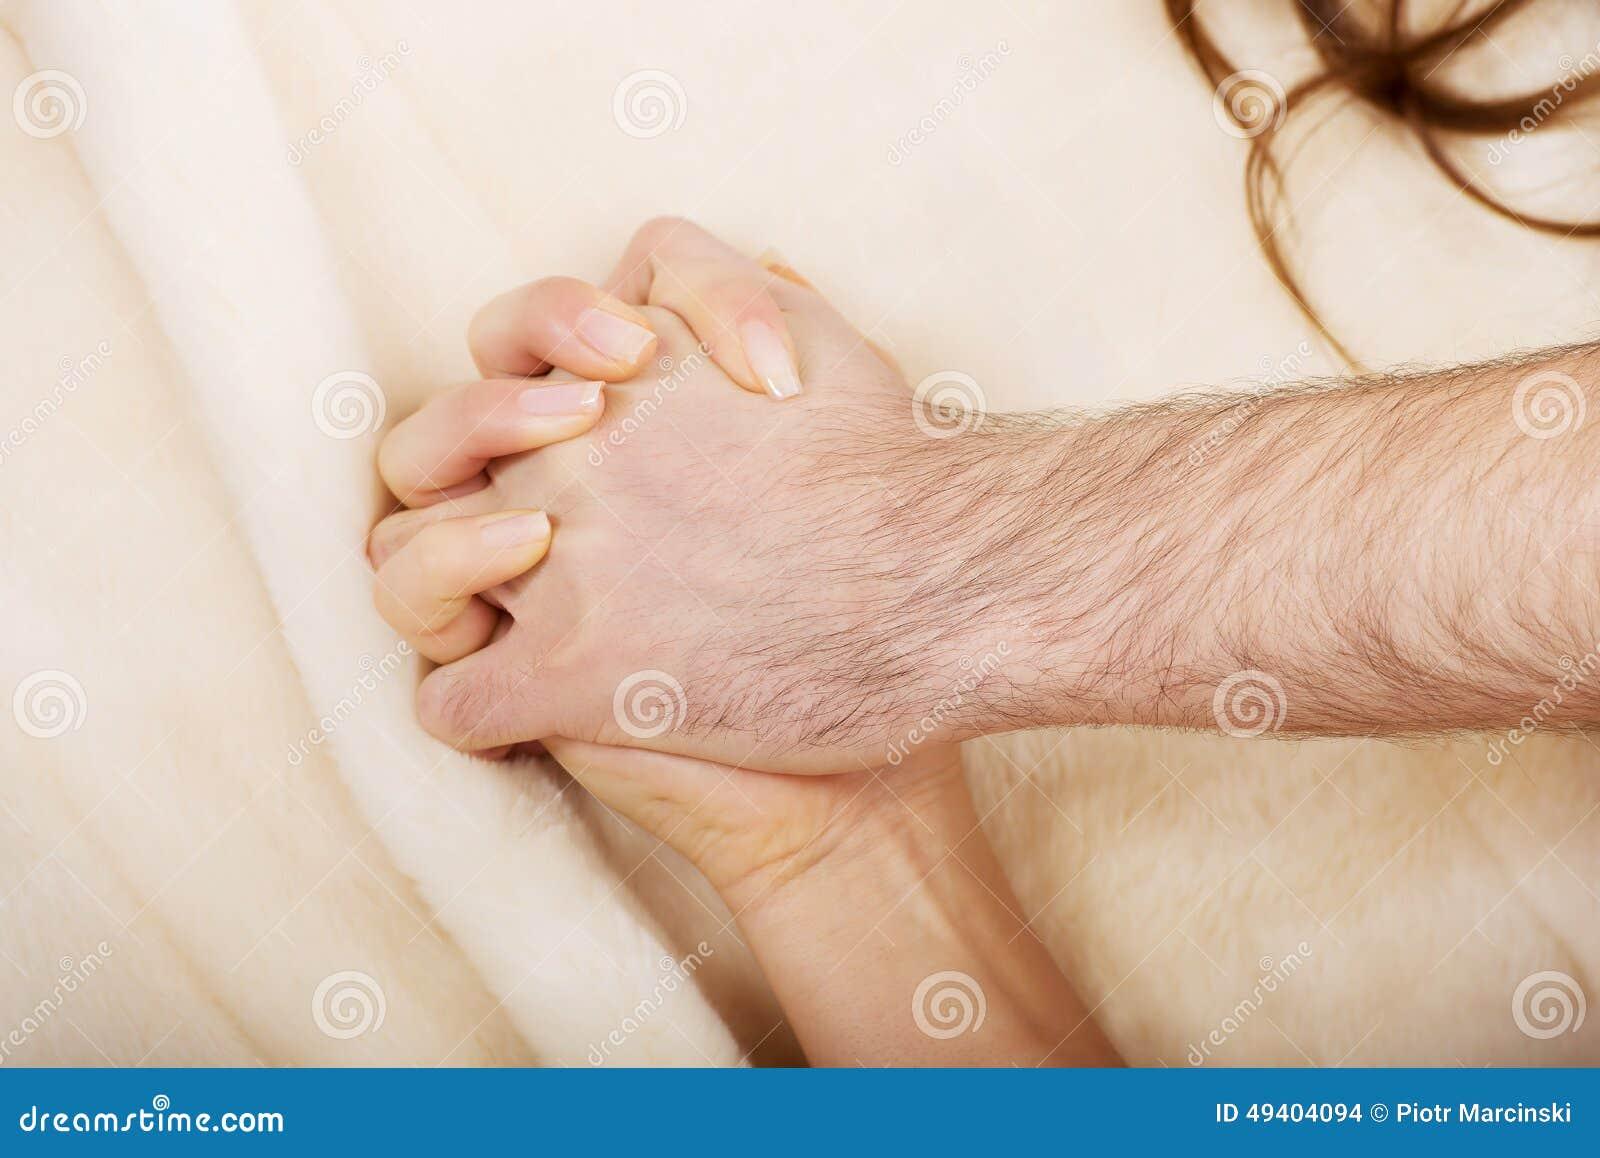 Download Hände Von Weiblichem Und Von Mann Liegend Auf Bett Stockfoto - Bild von intimacy, bettwäsche: 49404094